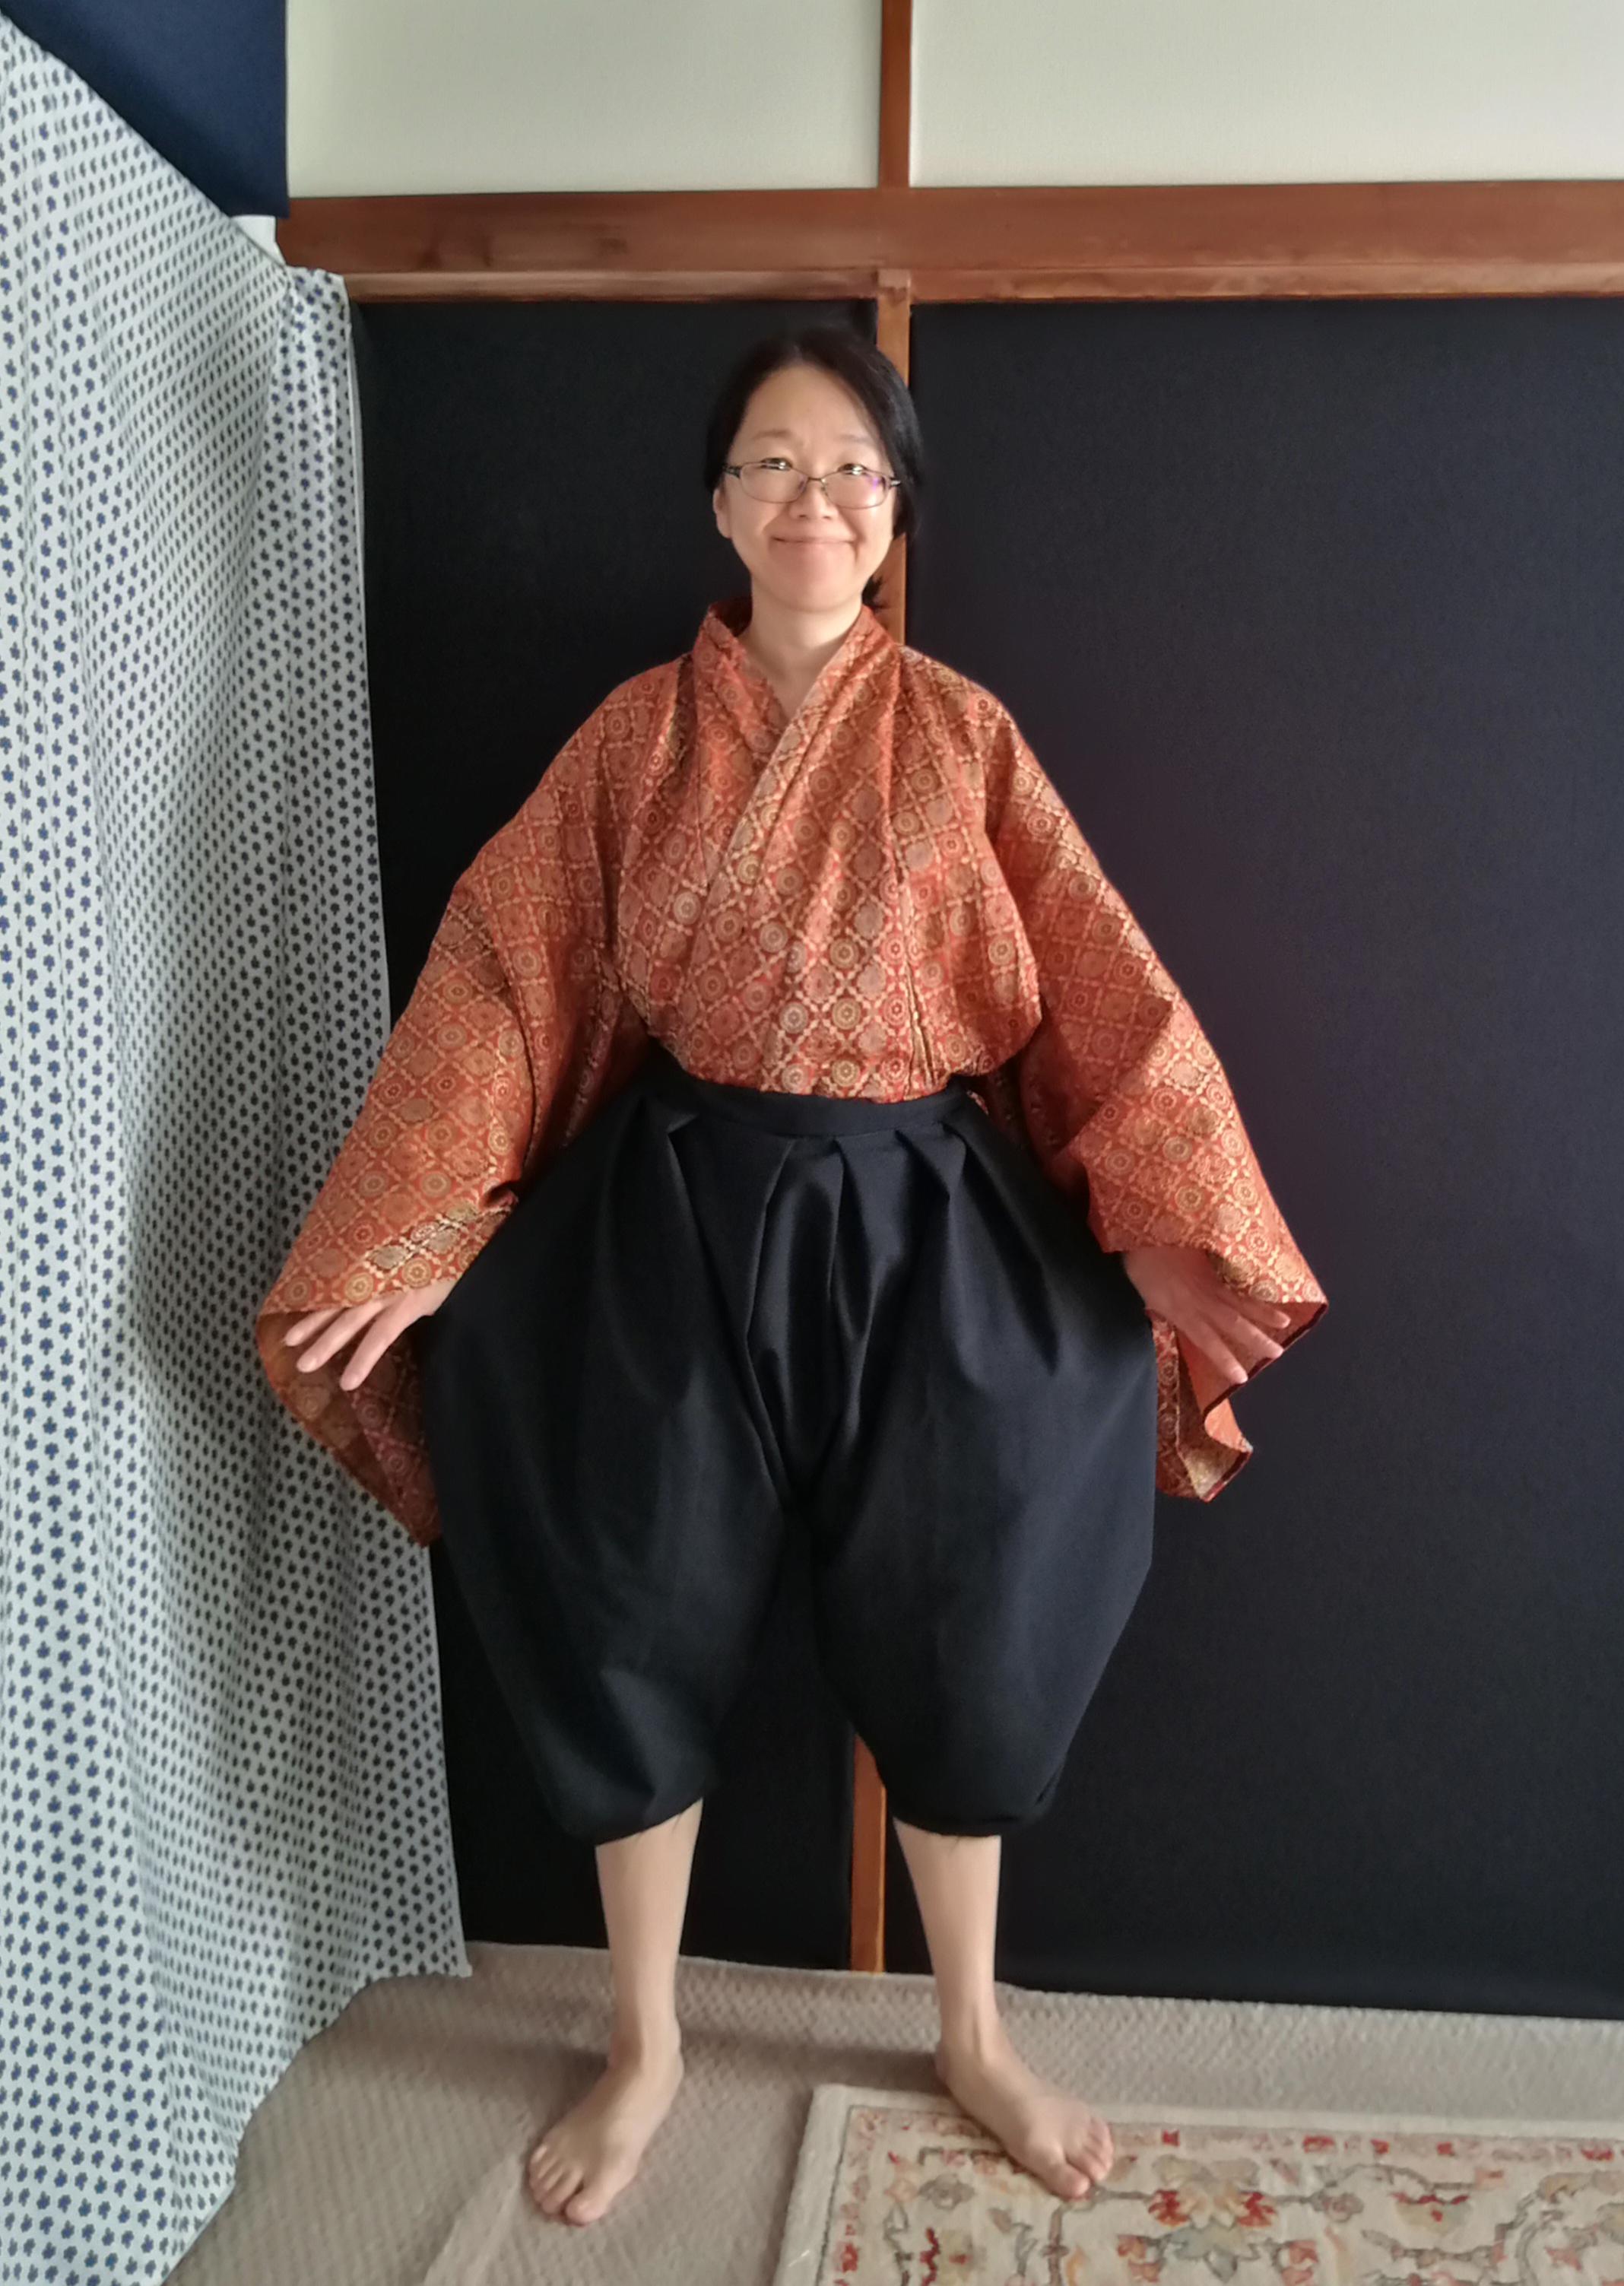 Japanese clothing 17th century